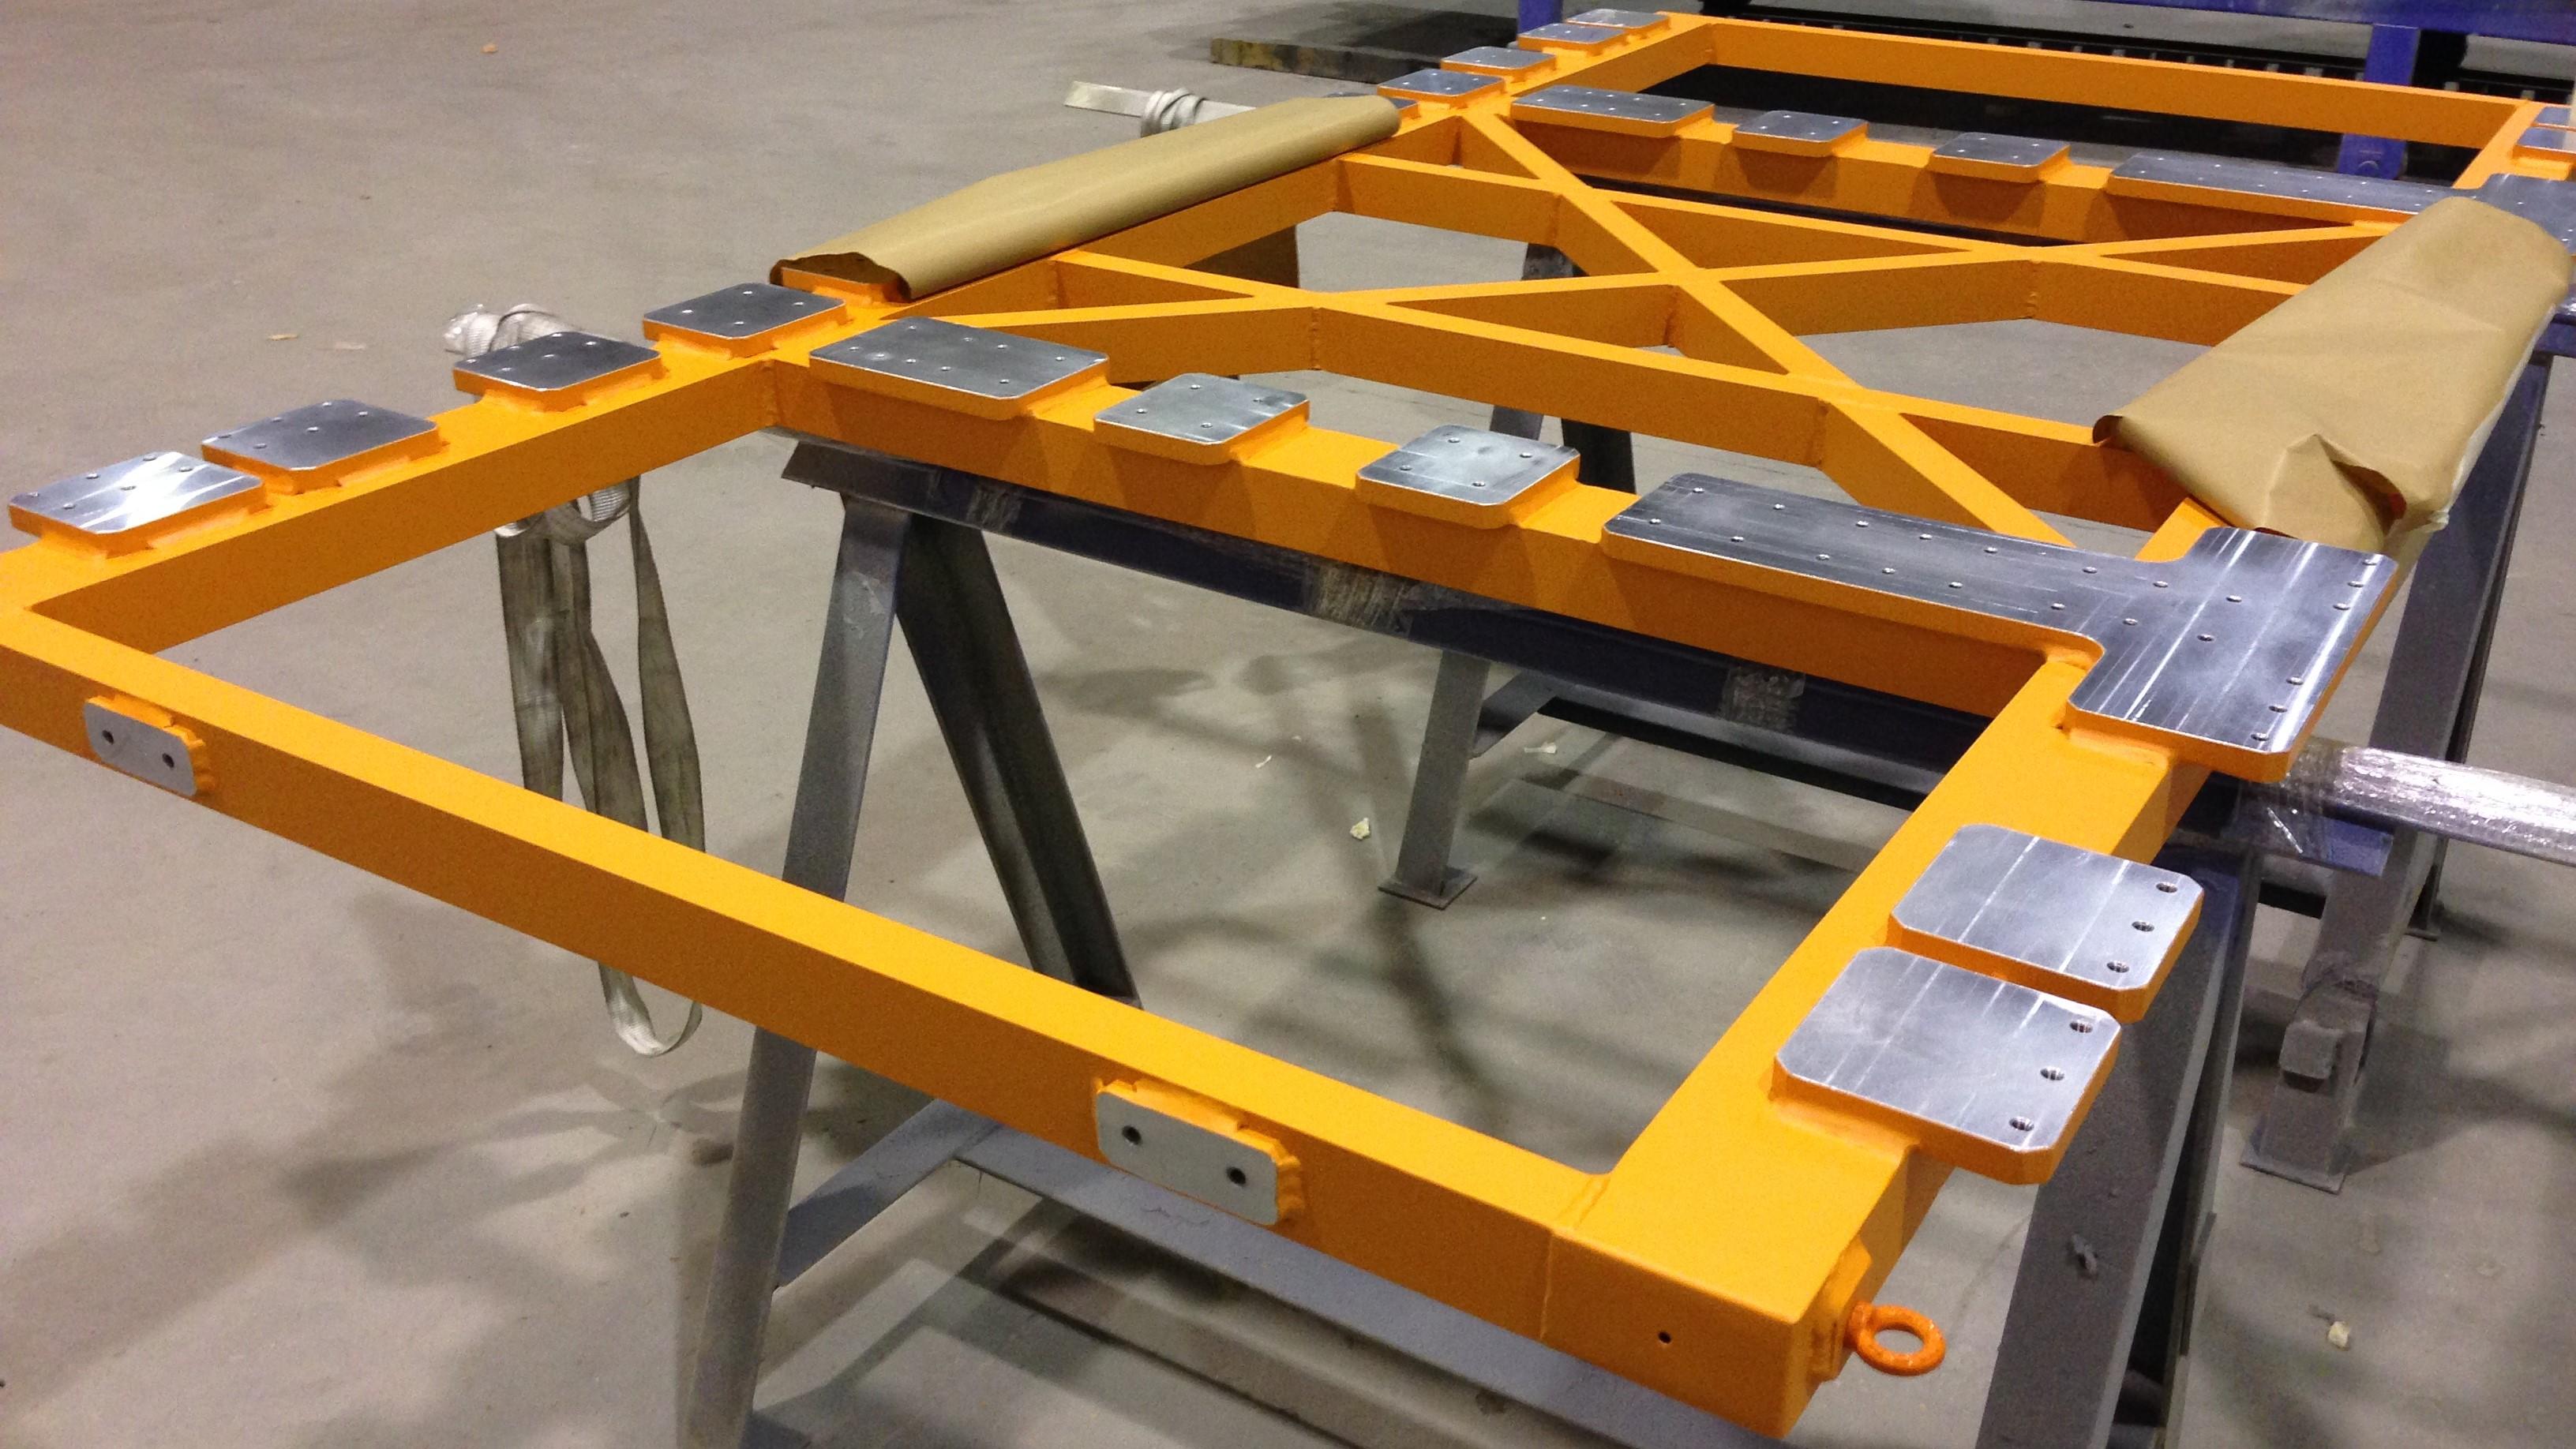 IMG 2608 - Machining